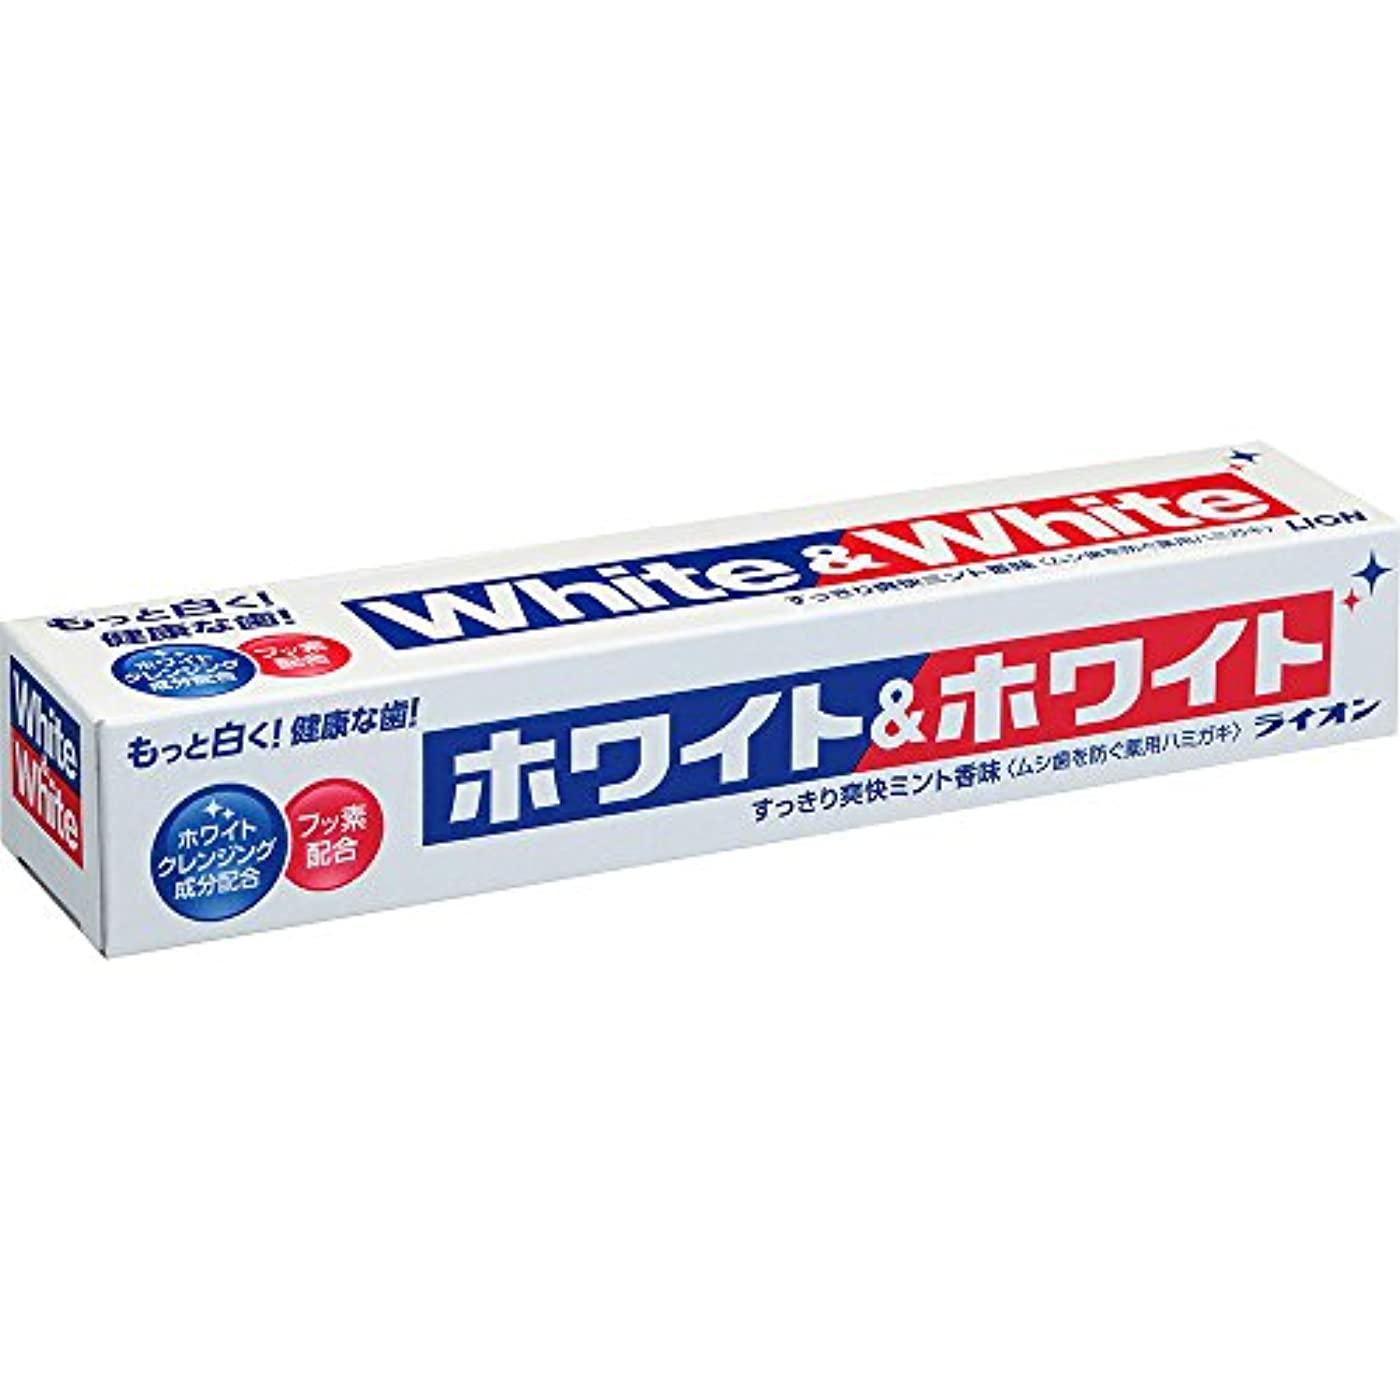 ロマンス突撃モンキーライオン ホワイト&ホワイト 150g